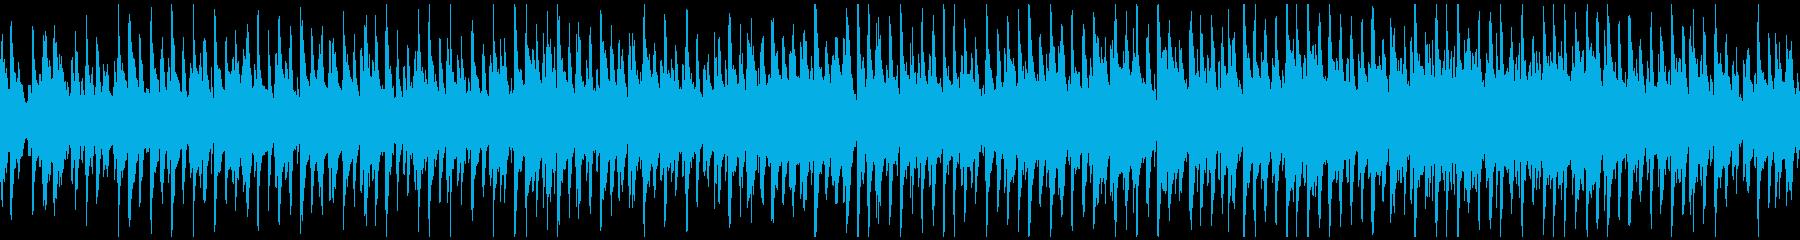 ほのぼのウクレレ生演奏曲 ※ループ仕様版の再生済みの波形